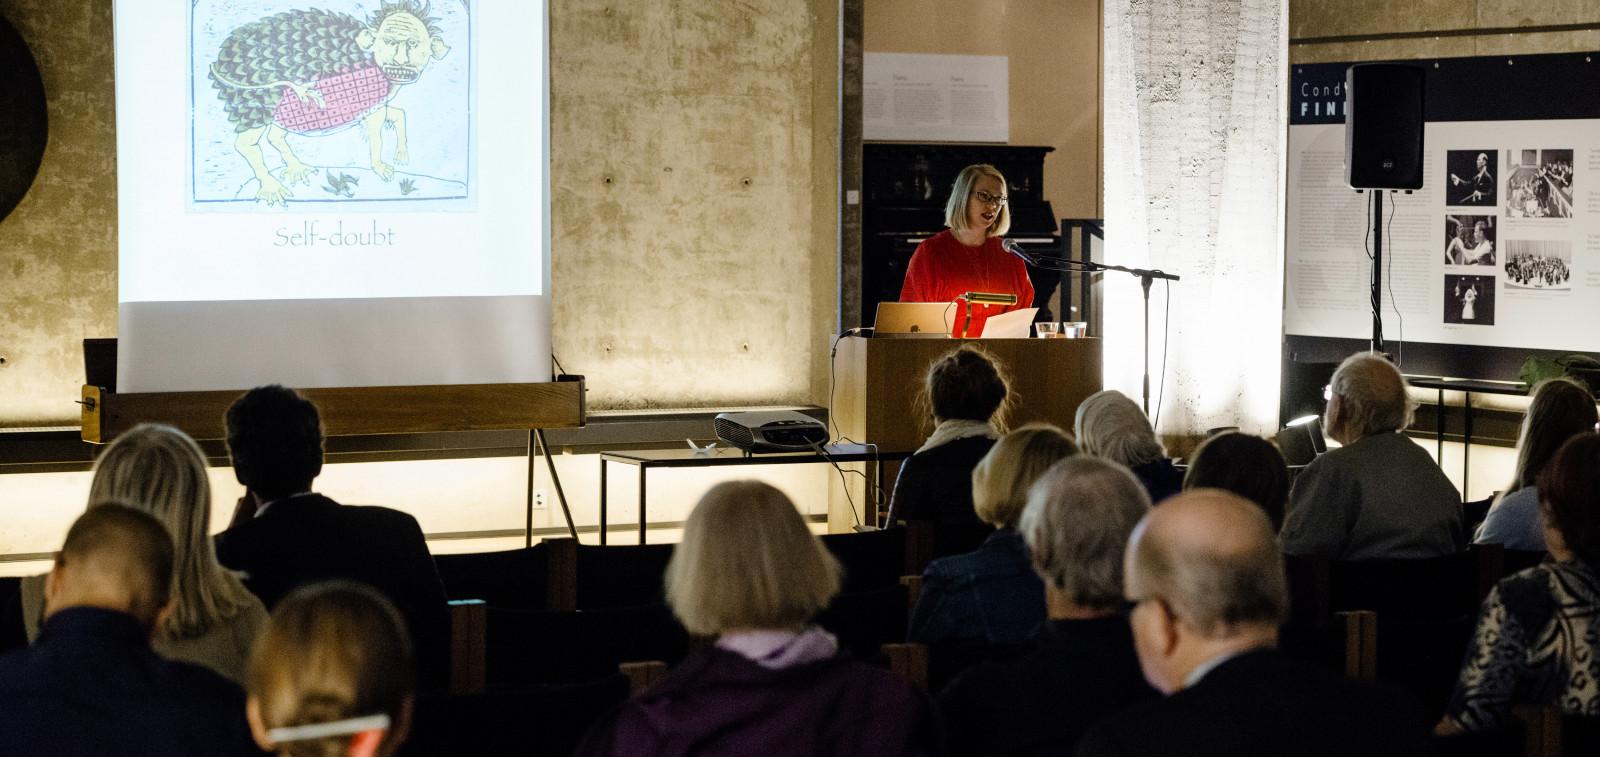 """Luentosalissa nainen luennoi ja ihmiset kuuntelevat istuen. Taululle on heijastettu kuva oliosta ja sen alla on teksti """"self-doubt"""""""